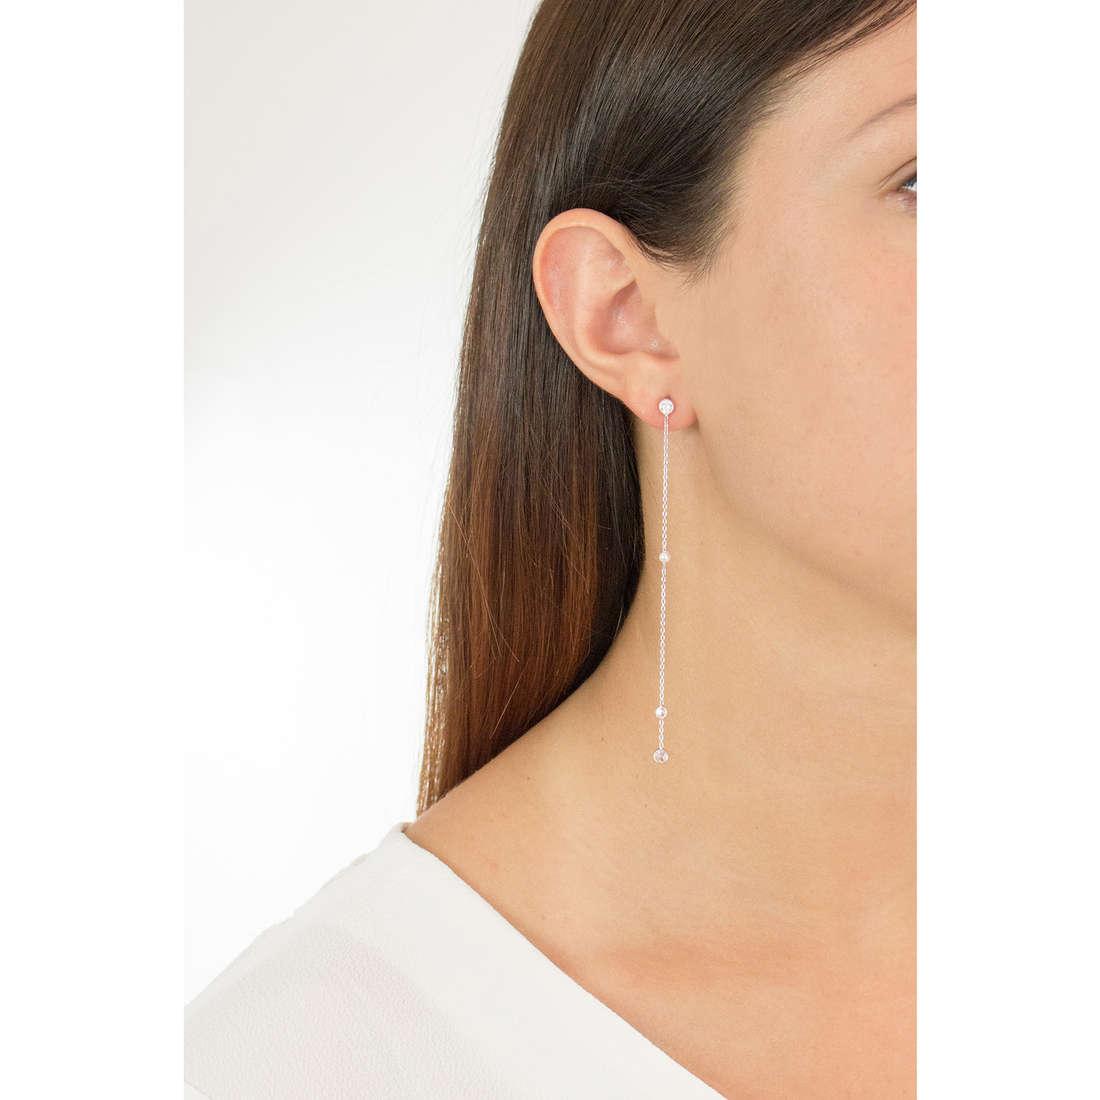 Nomination earrings Bella woman 142663/010 photo wearing